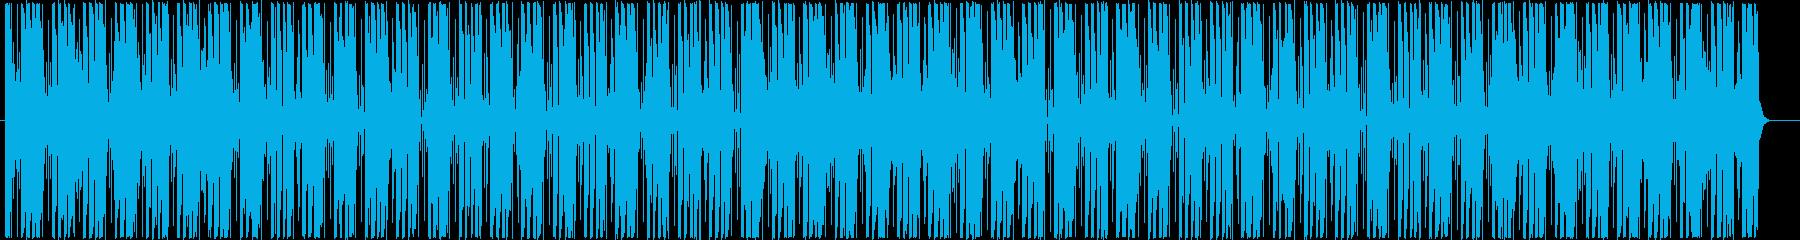 爽やかで疾走感のあるアフロビートレゲエの再生済みの波形